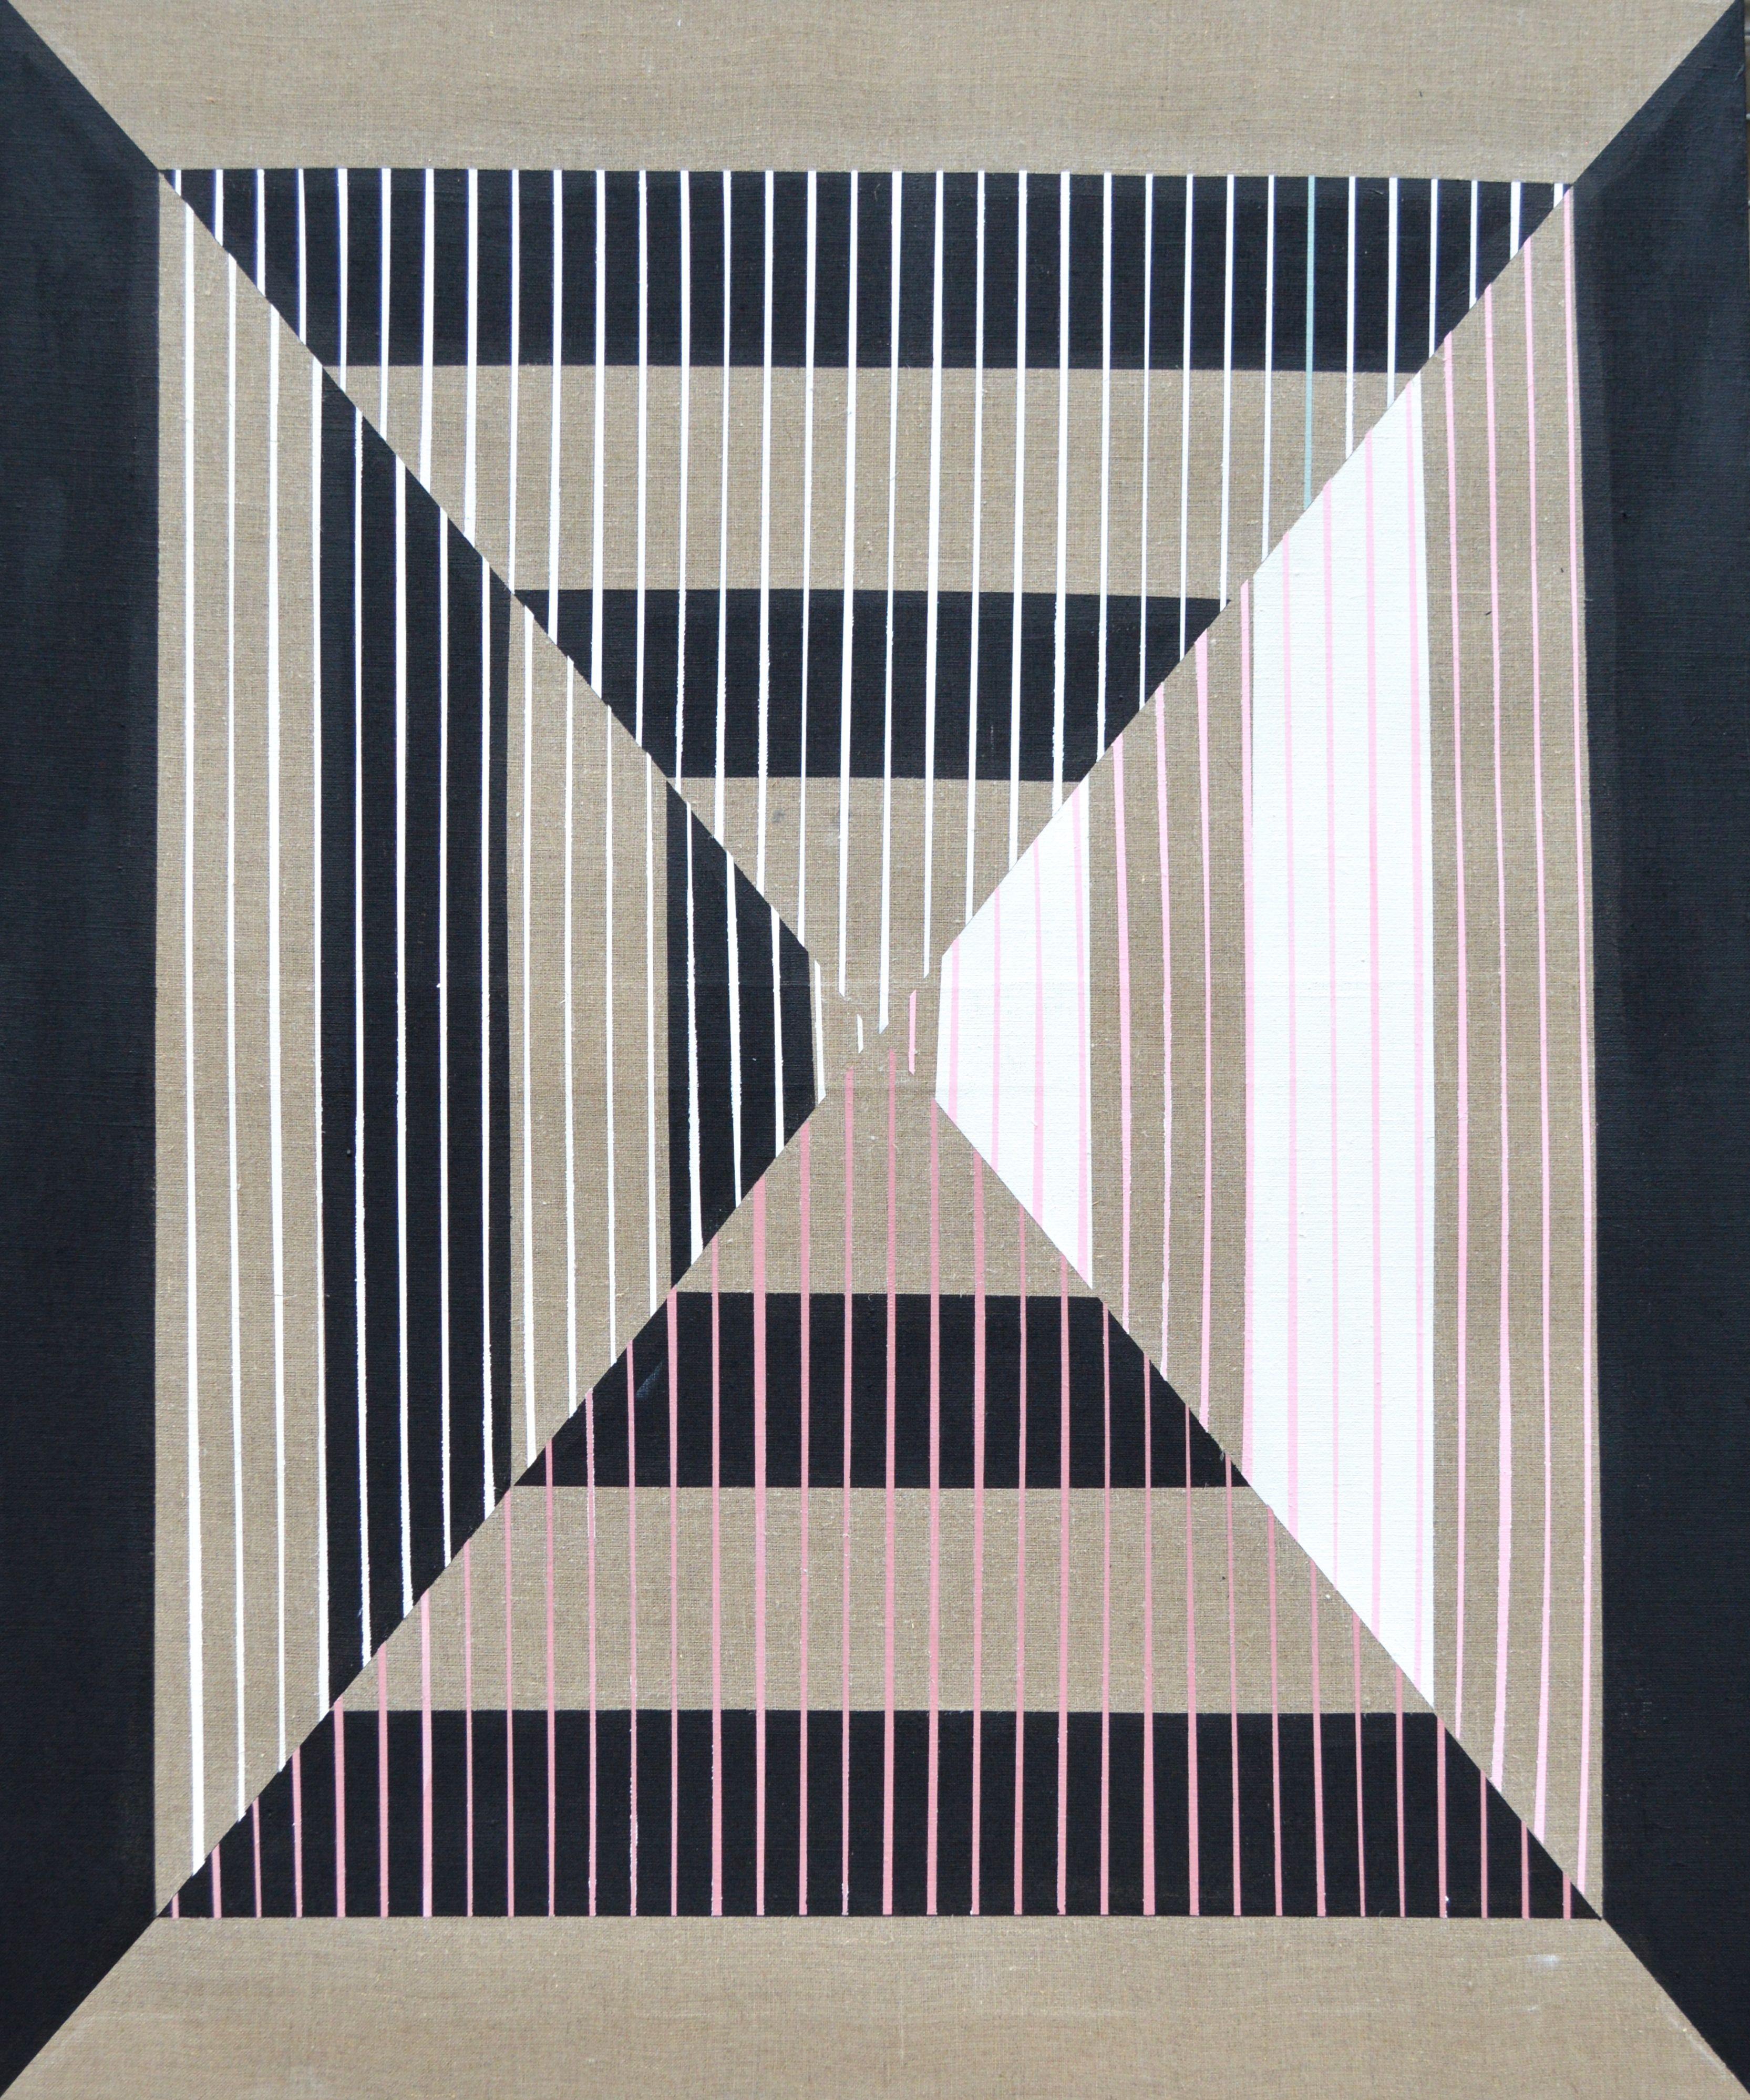 Variabler ll 95 x 115 cm